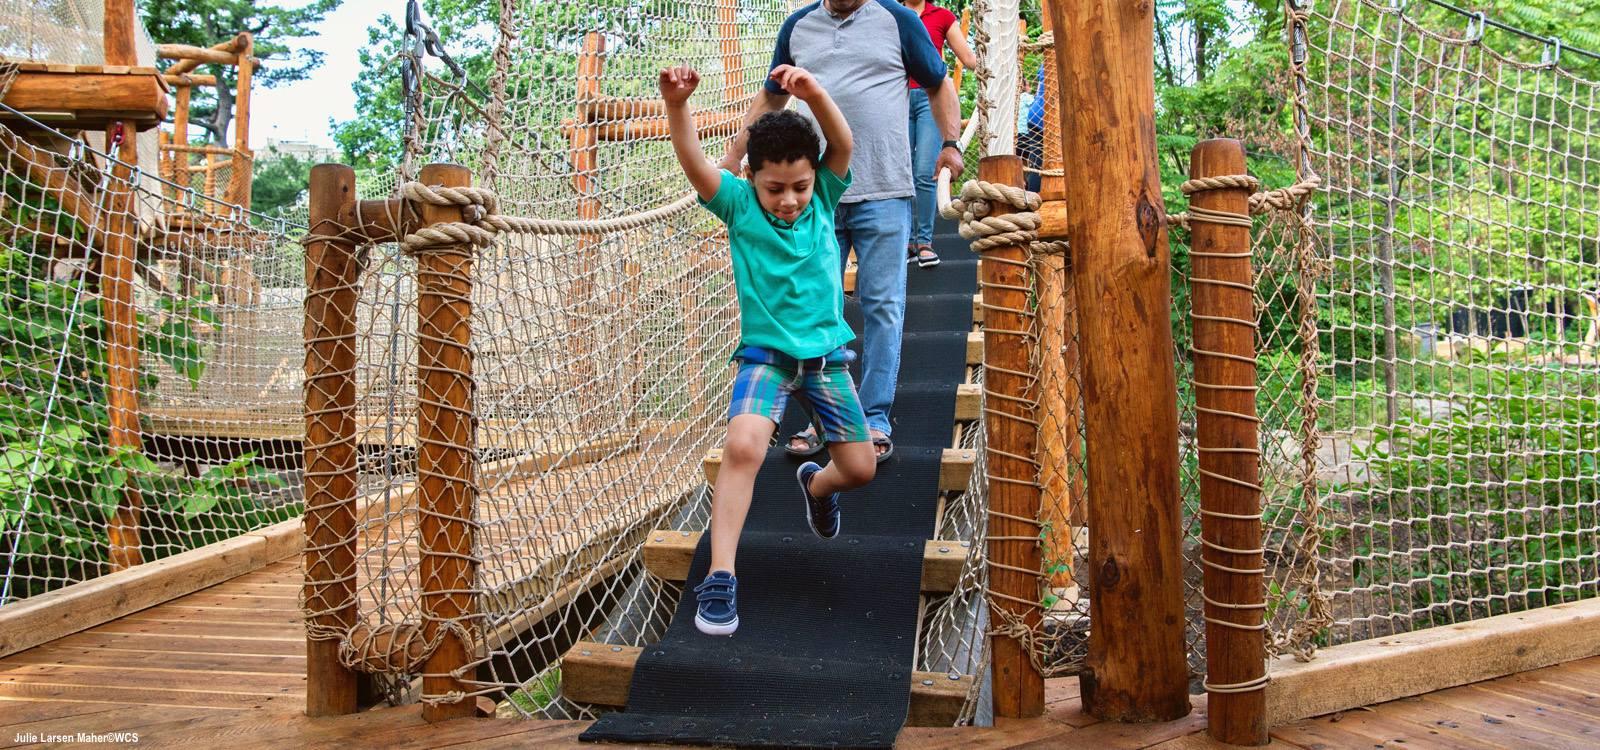 Summer Camp at Bronx Zoo